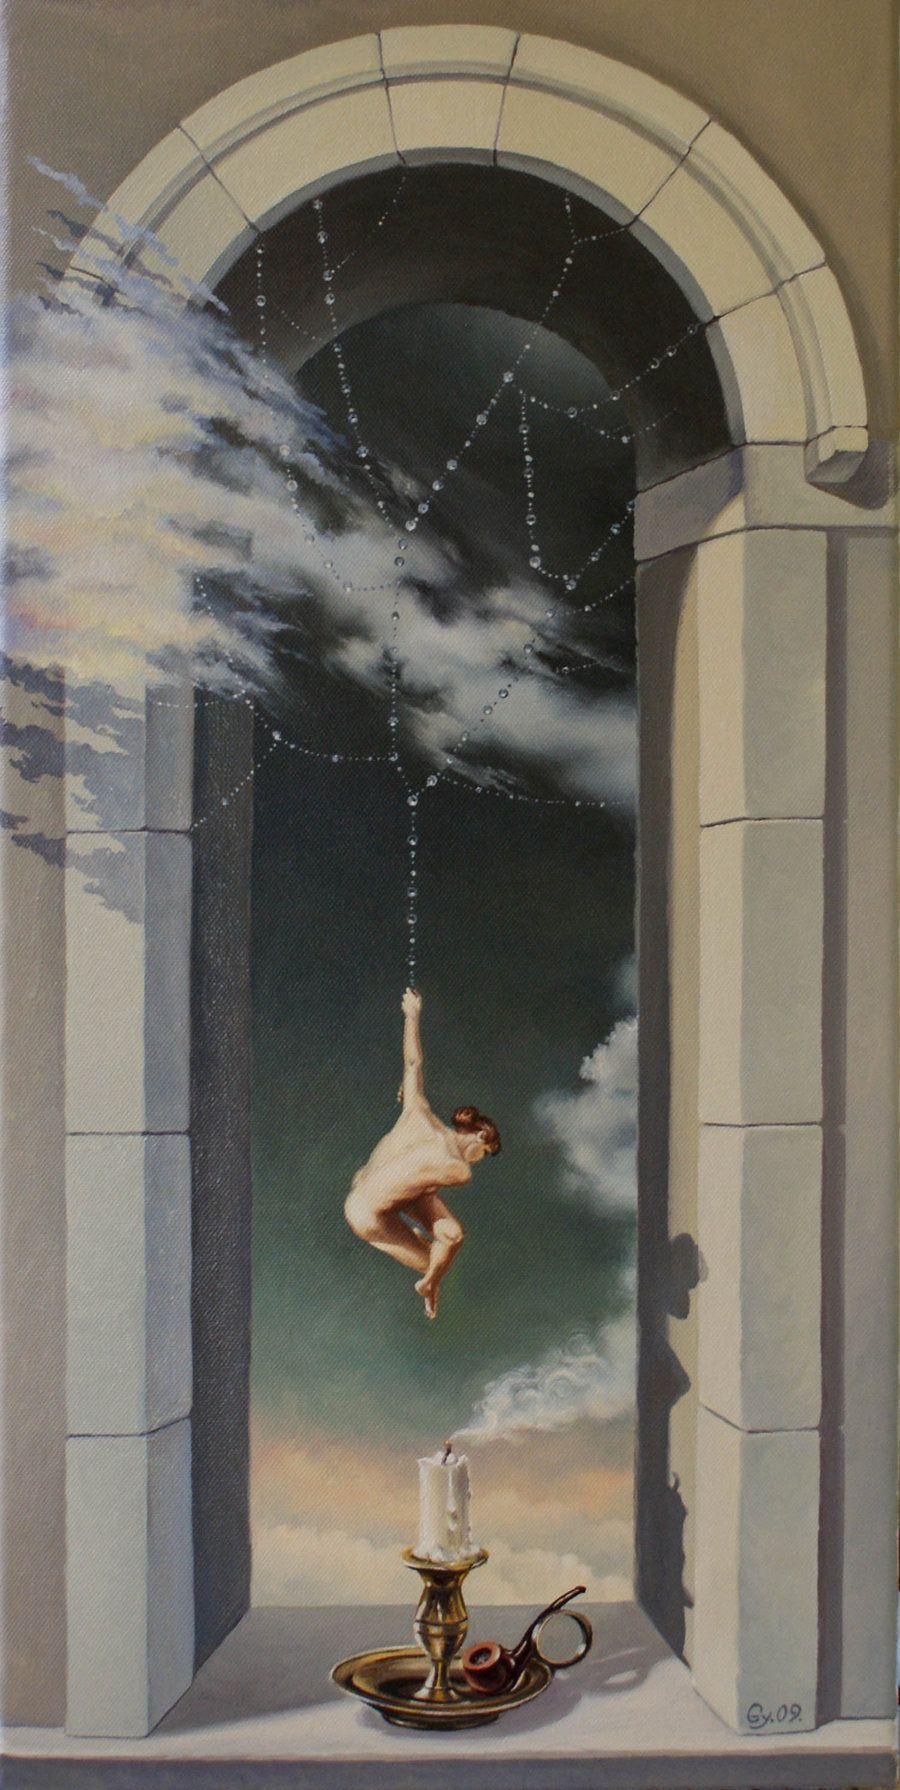 Gyuri Lohmuller Surreal Art Painting Art